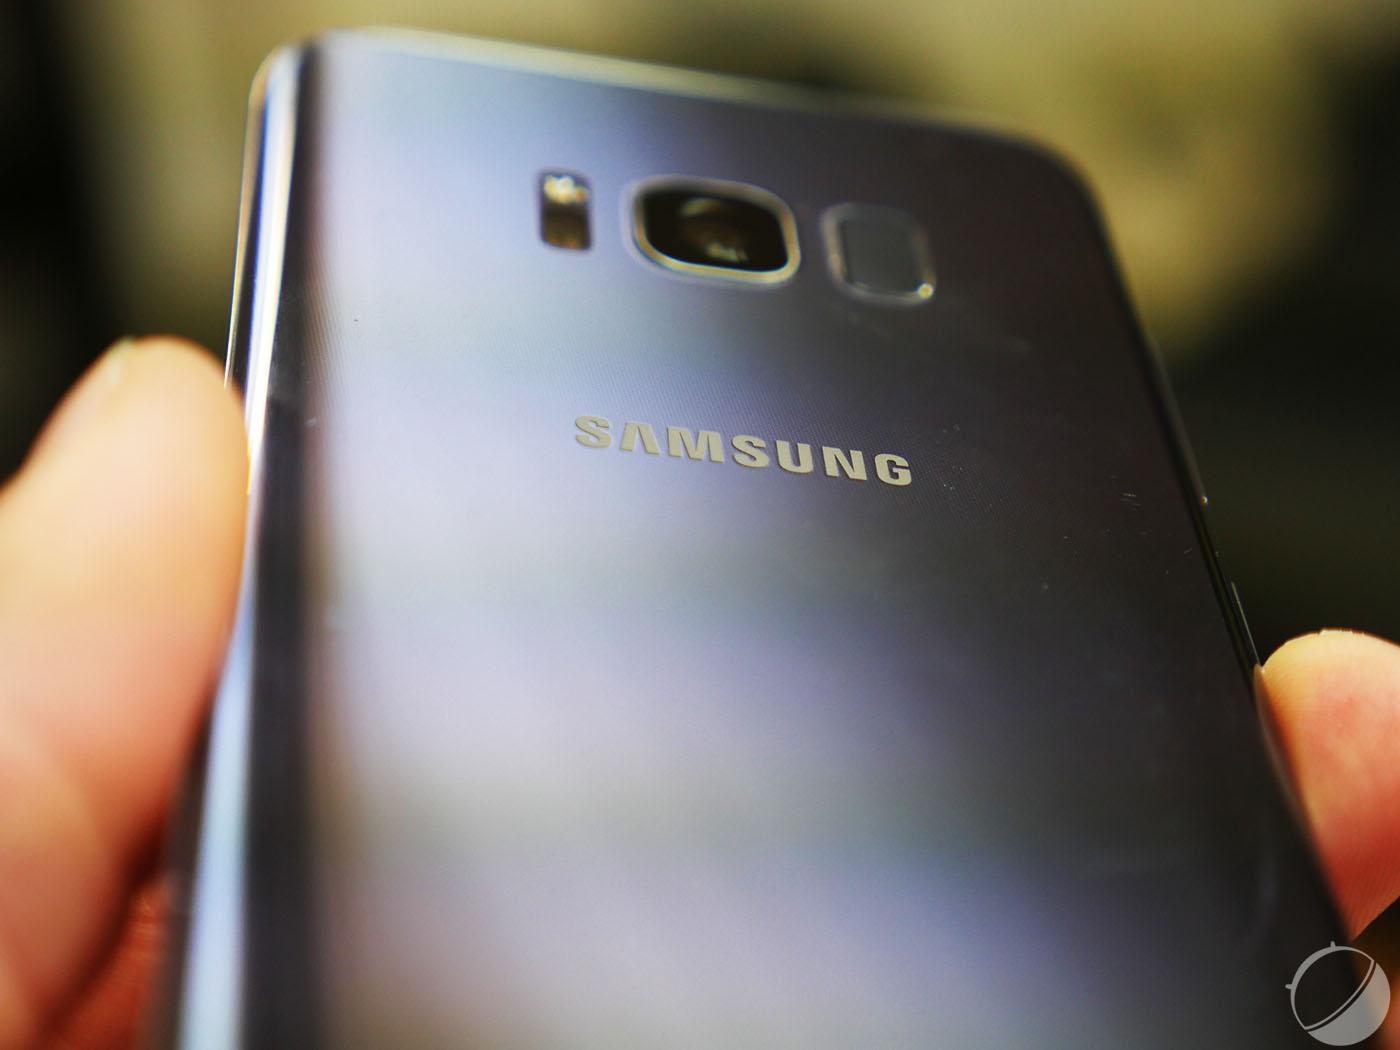 Samsung Galaxy S9/S9+ : de nouvelles rumeurs étayent la fiche technique